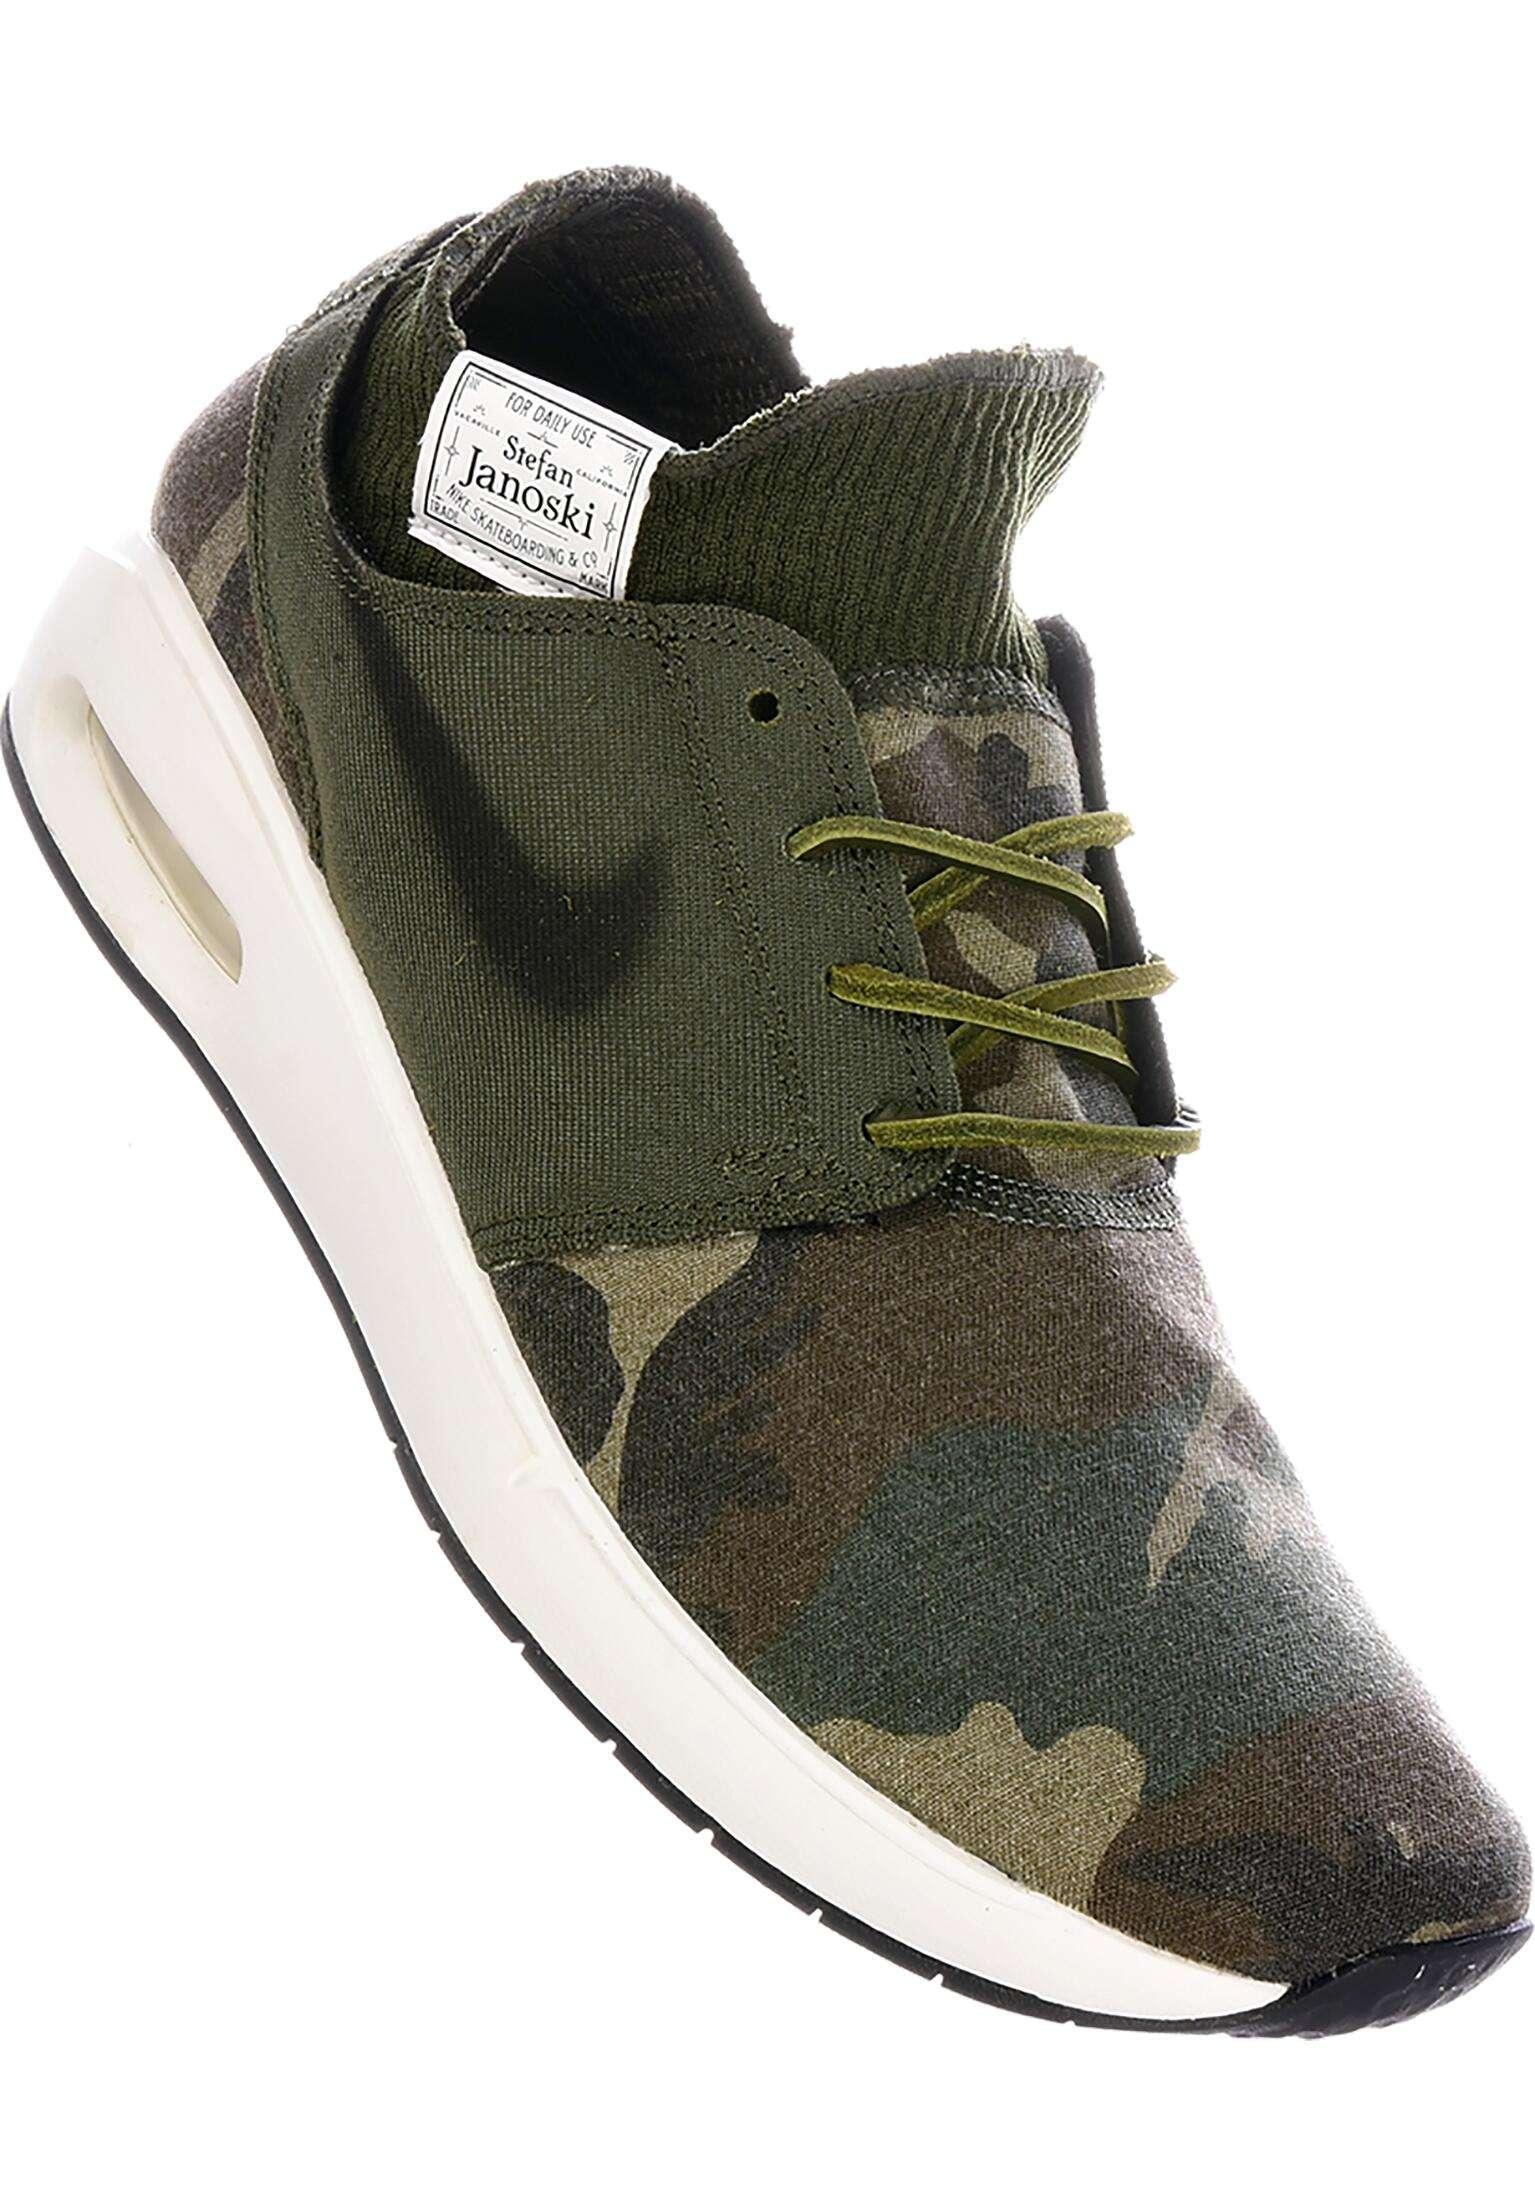 44c7698585 Nike SB Air Max Janoski 2 Premium